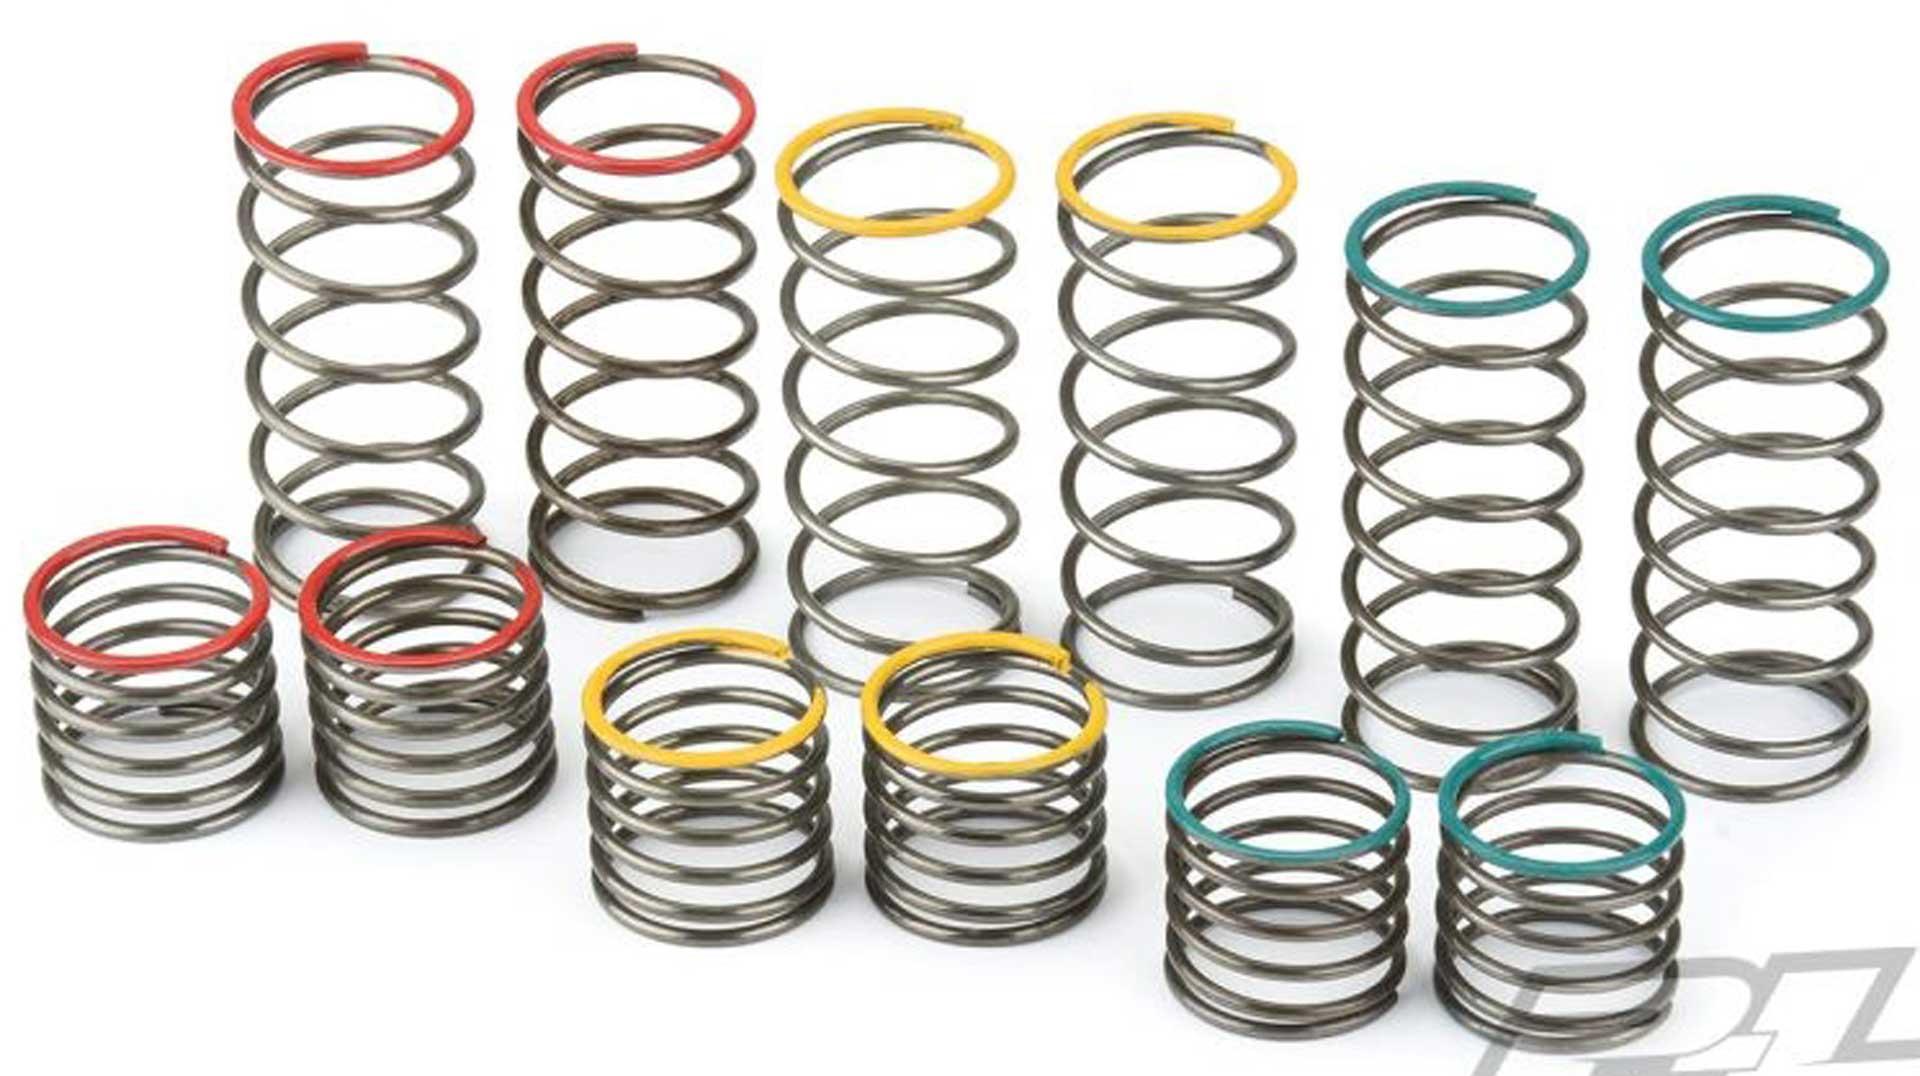 PROLINE Powerstroke front shock spring set for ARRMA damper 6359-00